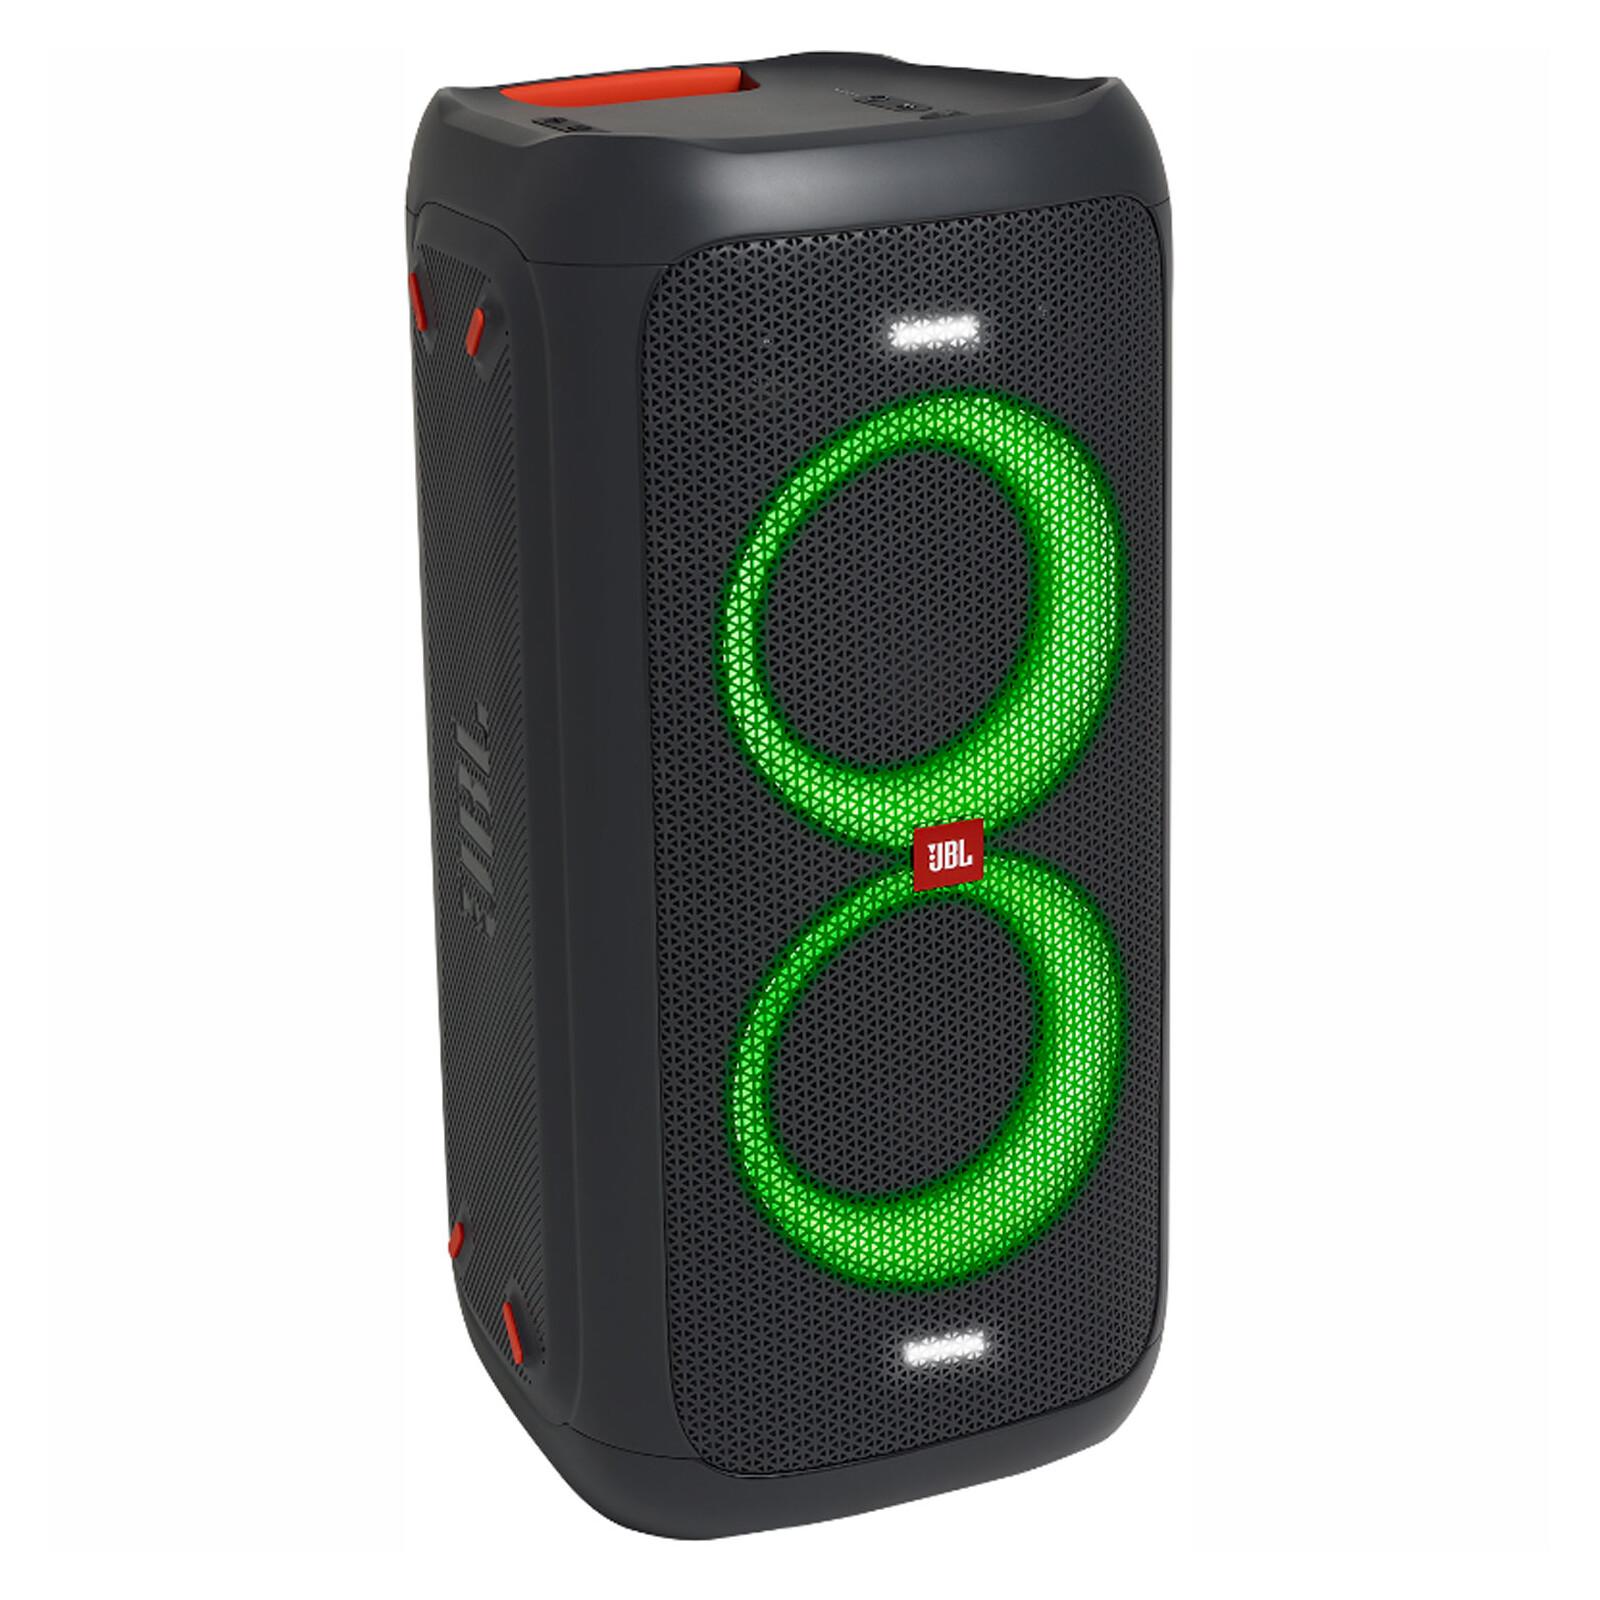 JBL Partybox 100 Partylautsprecher mit Lichteffekt